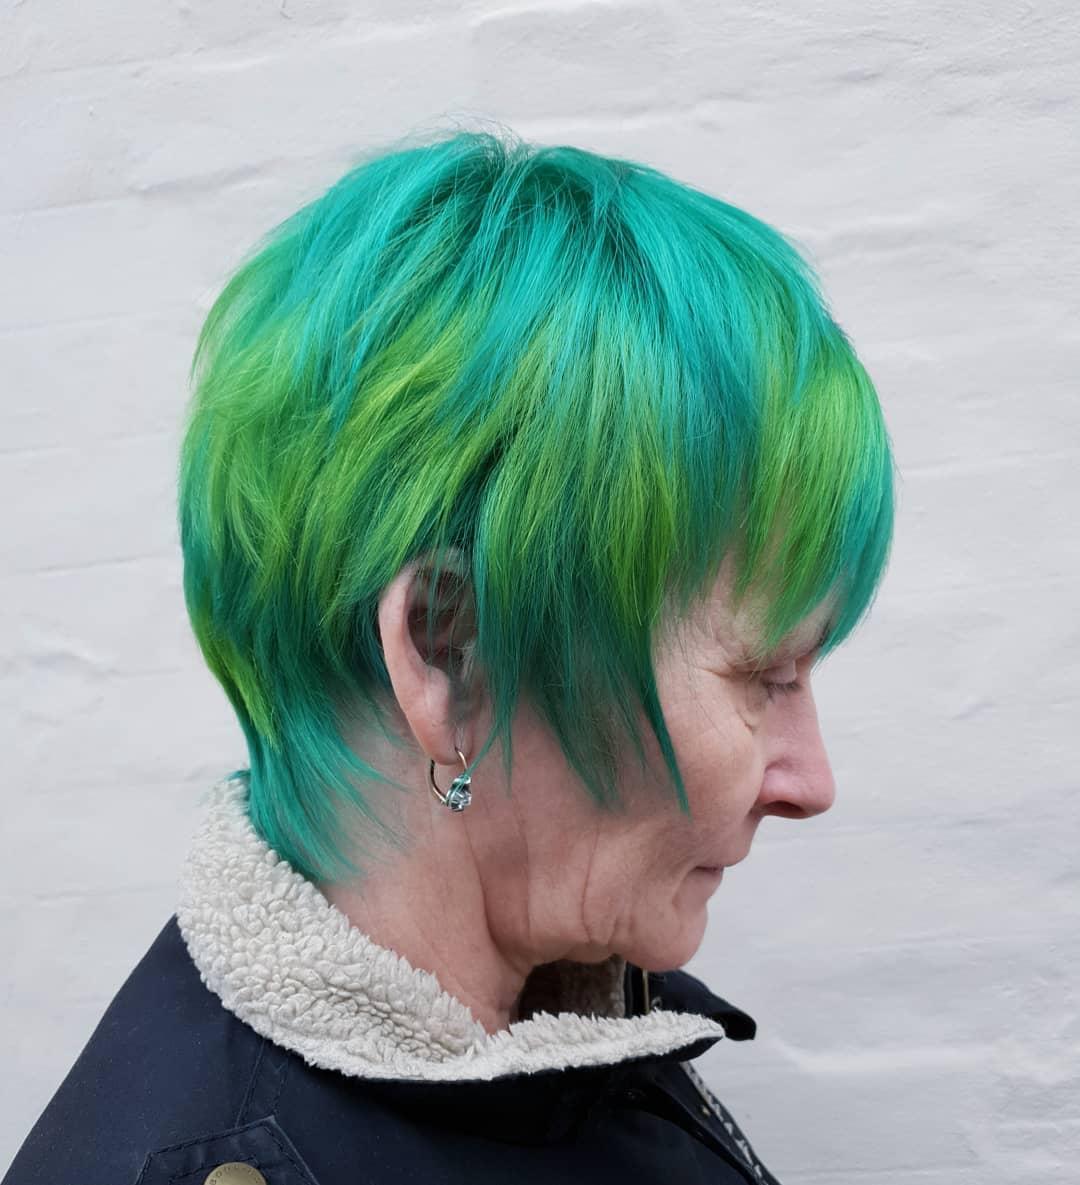 причёски для женщин после 50 лет фото 15